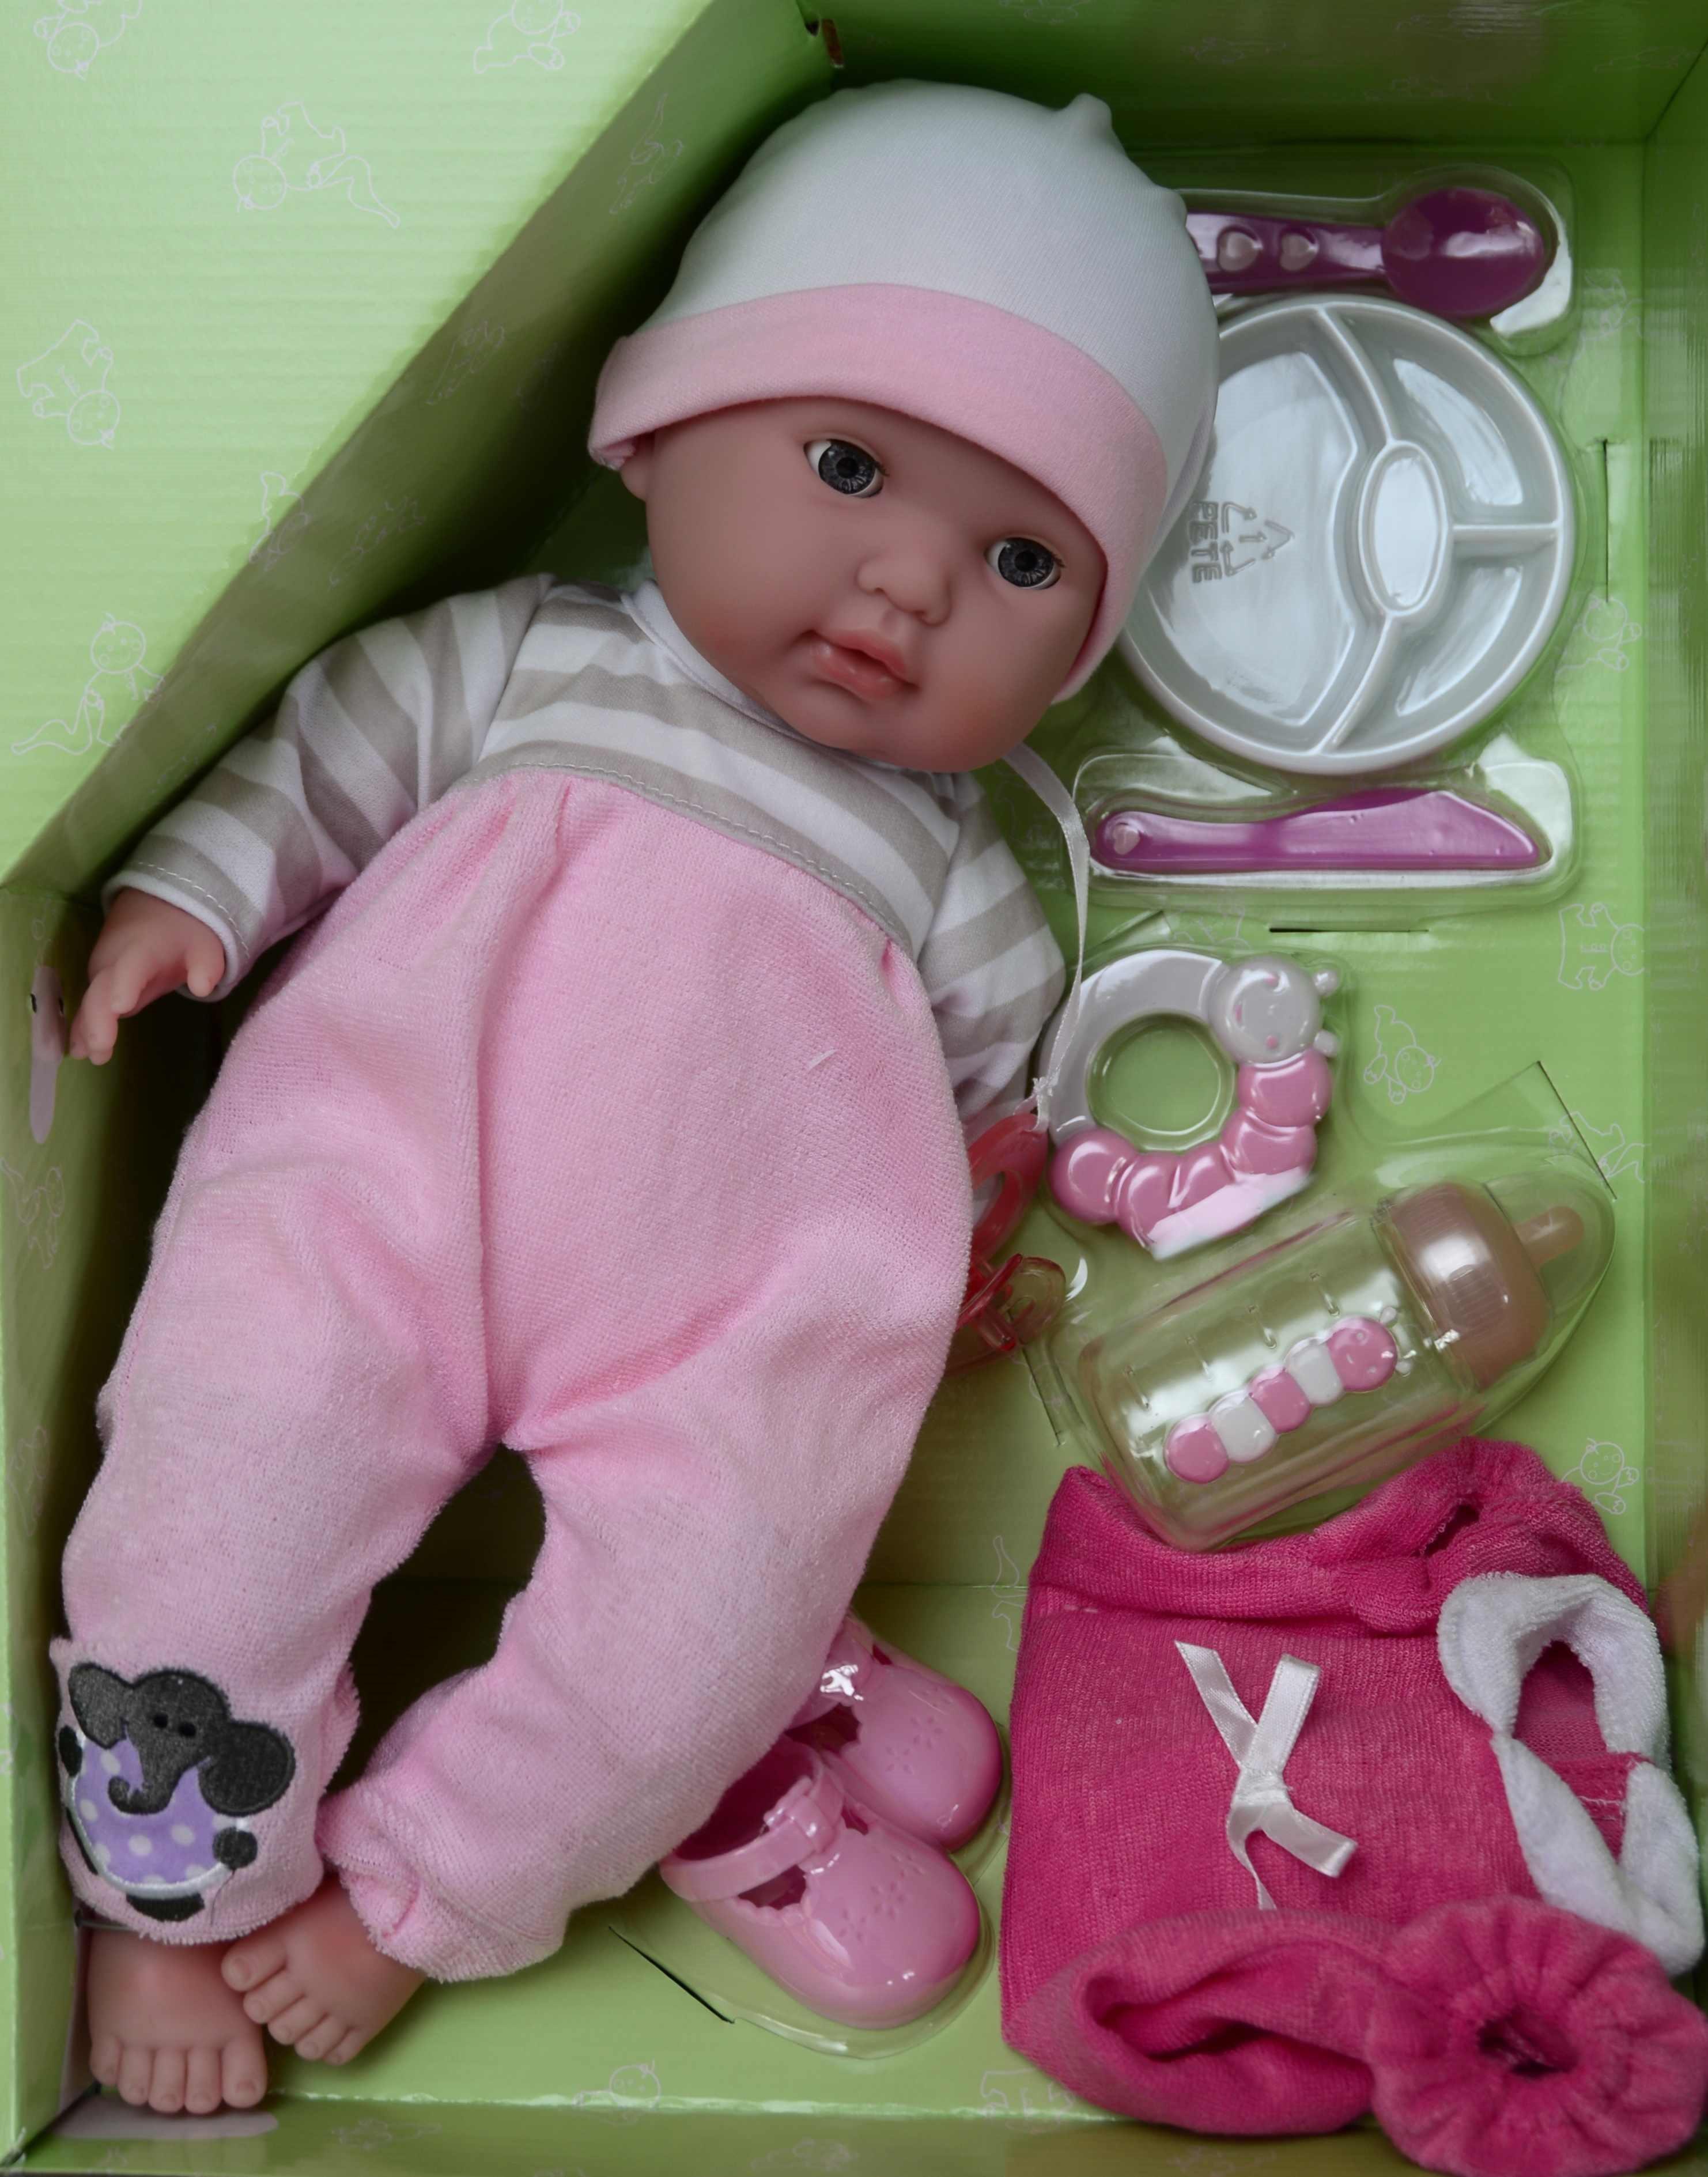 Mrkací panenka Peggy s příslušenstvím od firmy Berenguer (JC Toys - Berenguer)